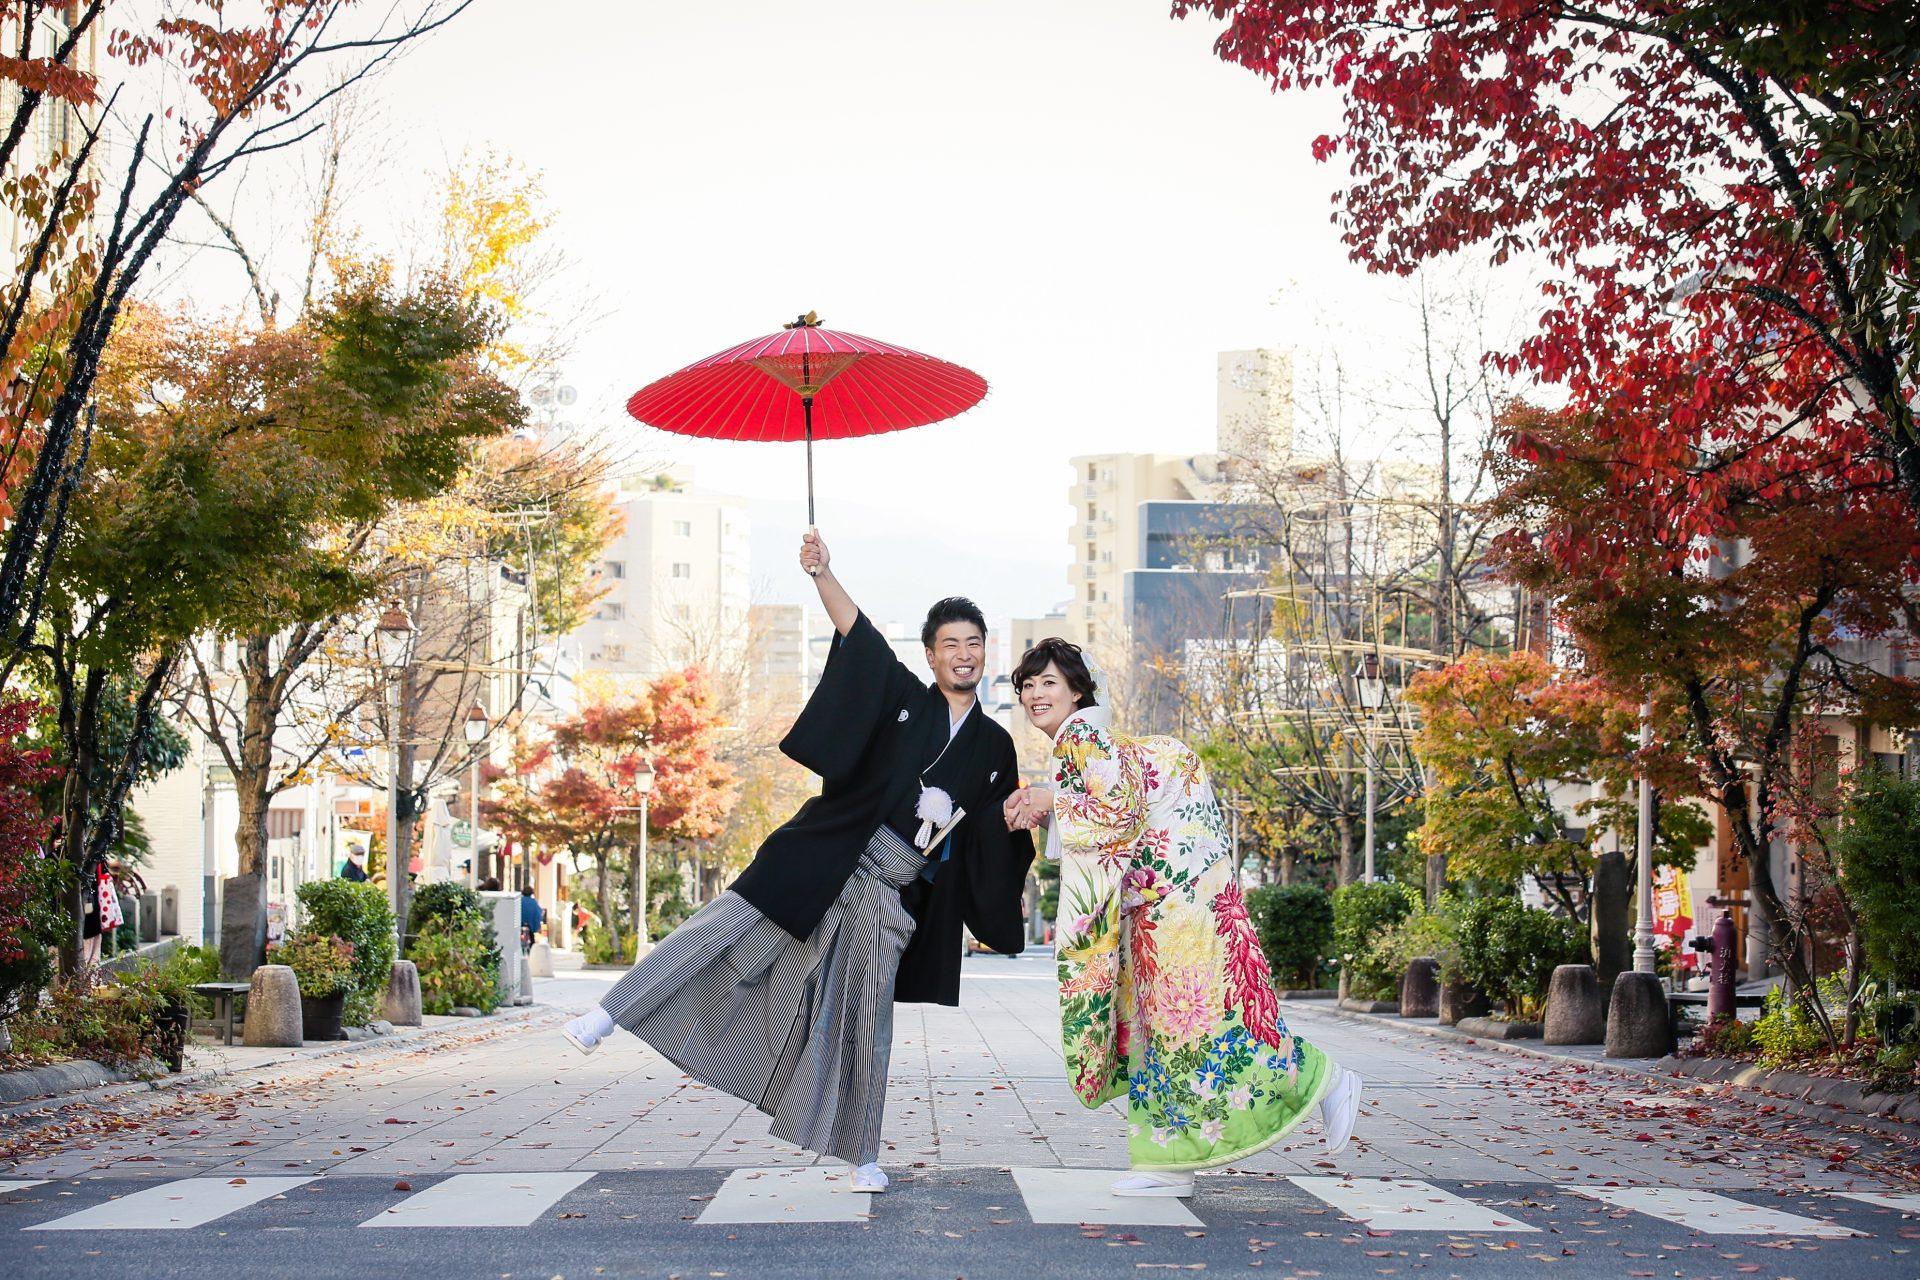 善光寺から長野駅まで一直線に続く門前通りで紅葉に映える染めの色打掛と格式高い黒紋付をお召しになりお二人らしい楽しげなショットを撮影されたご新郎ご新婦様